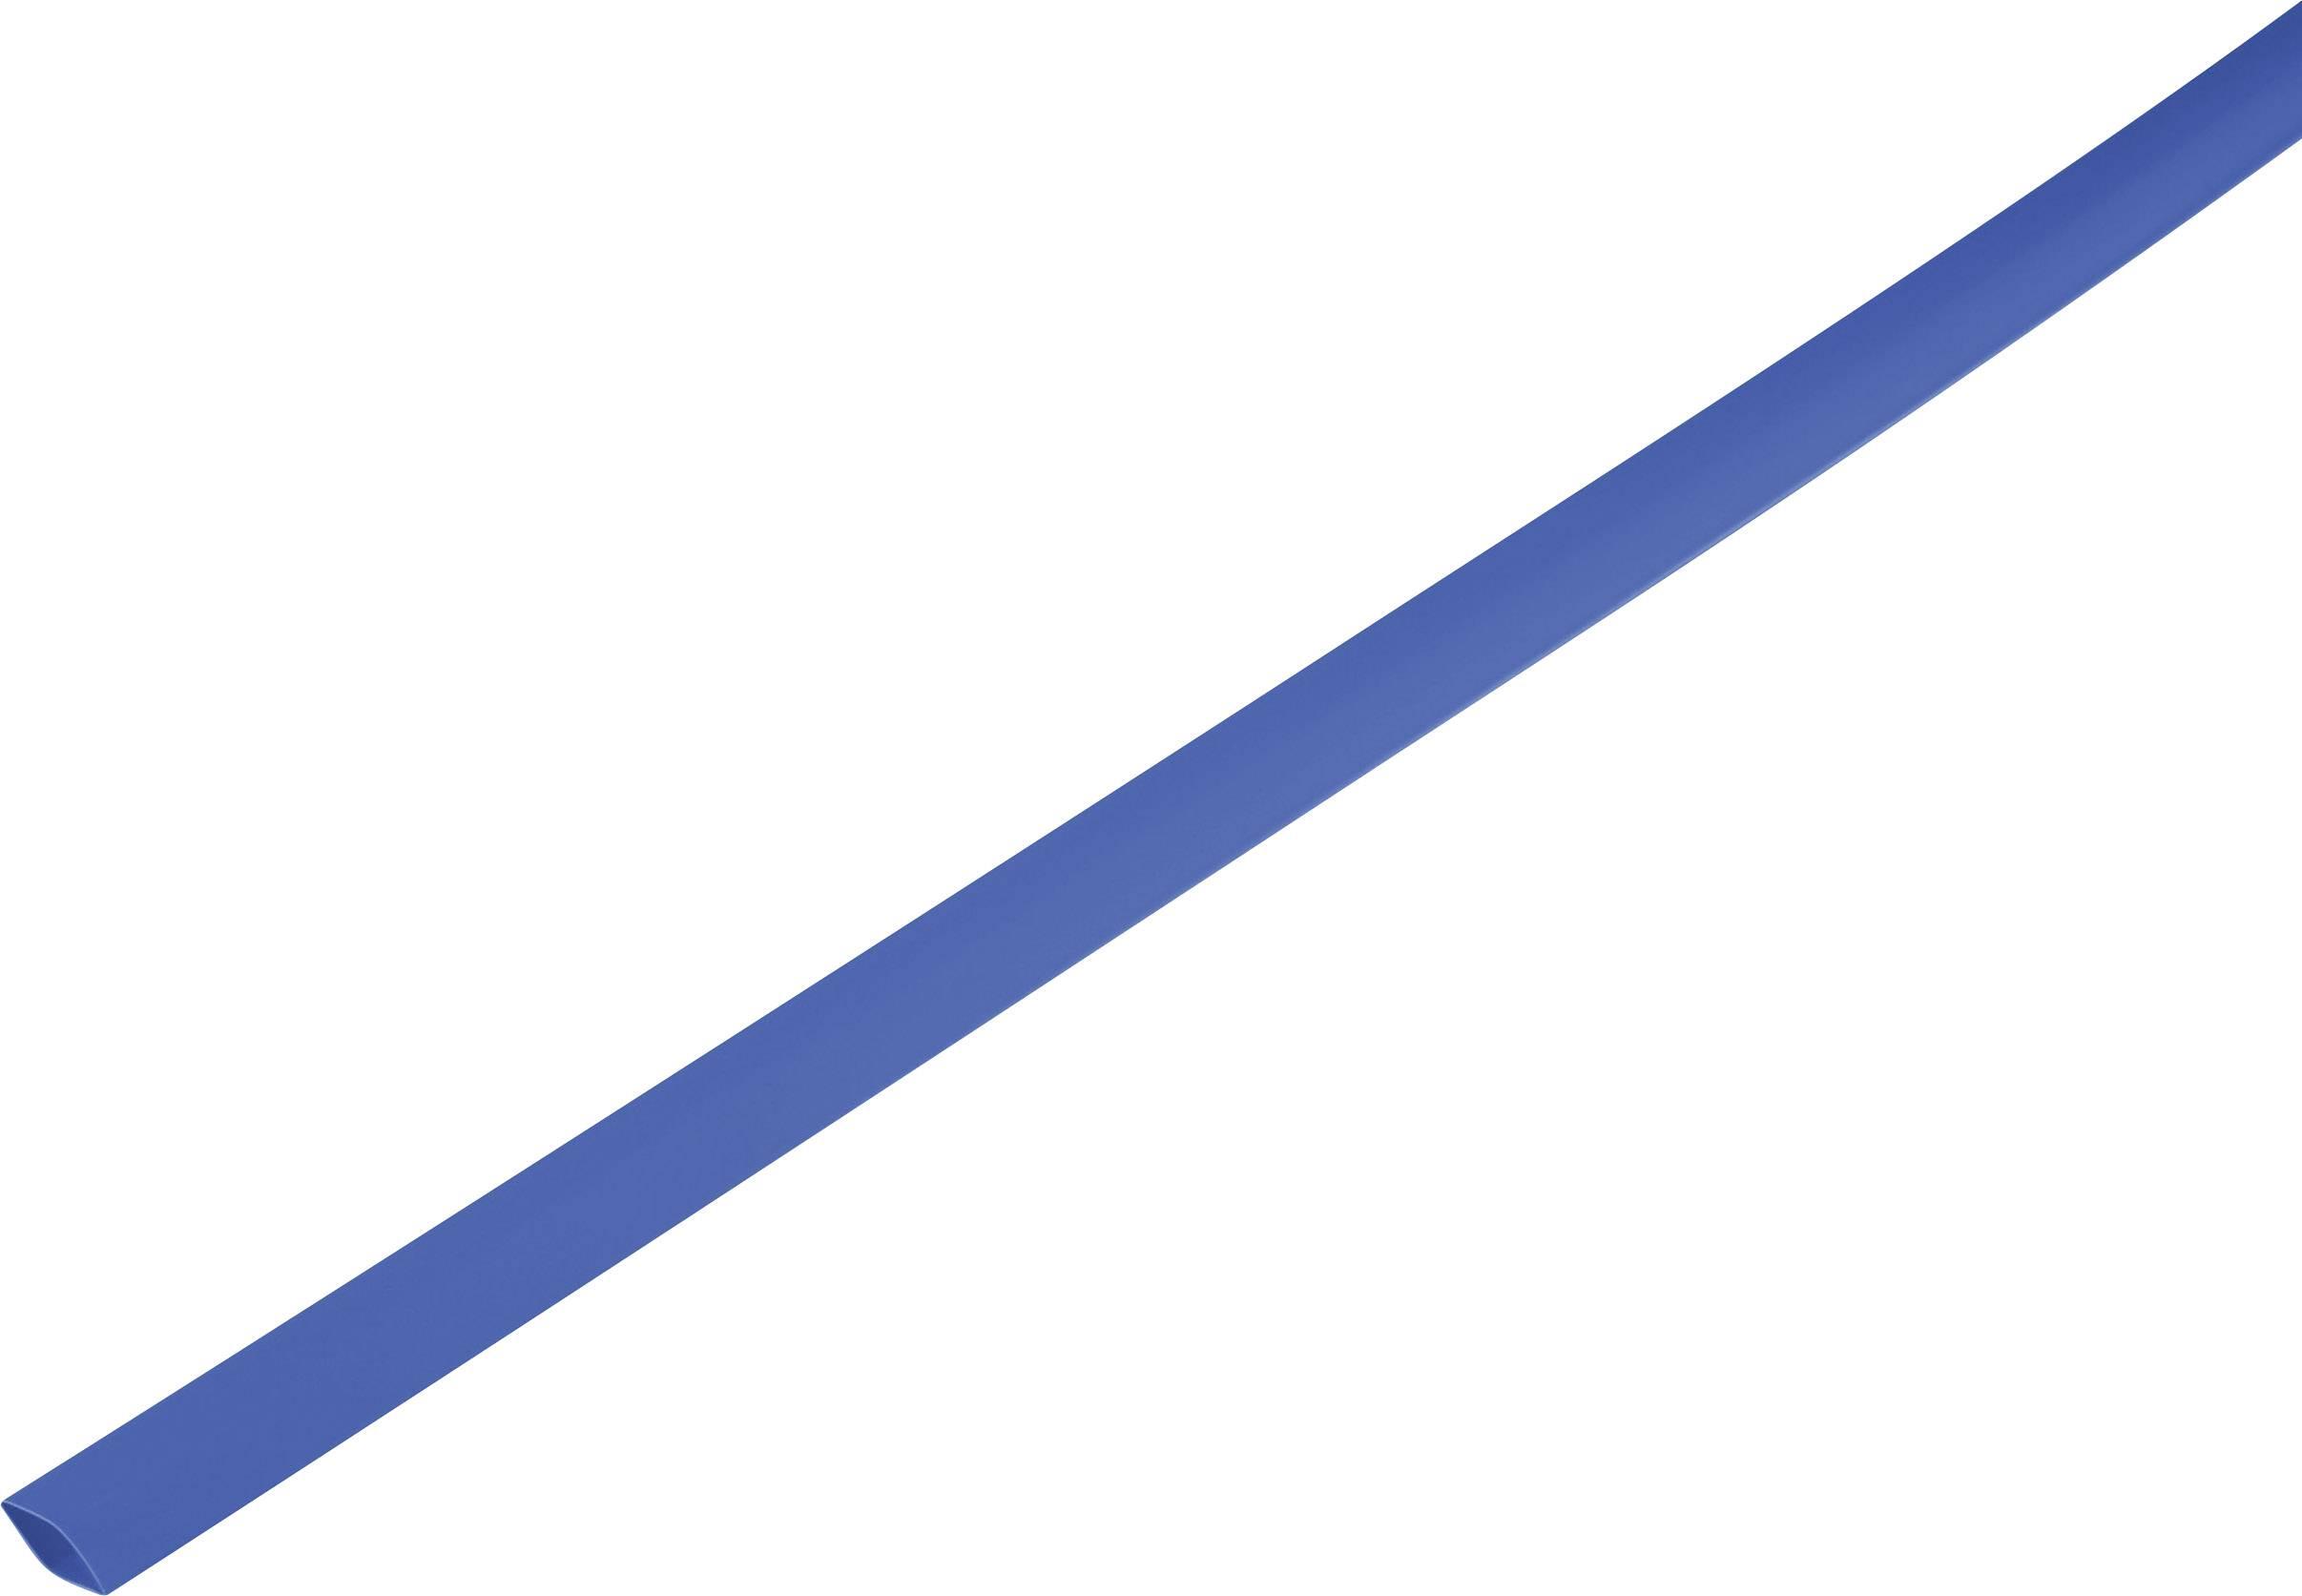 Smršťovací bužírka bez lepidla 1225514 2:1, -55 až +125 °C, 8.60 mm, modrá, metrové zboží